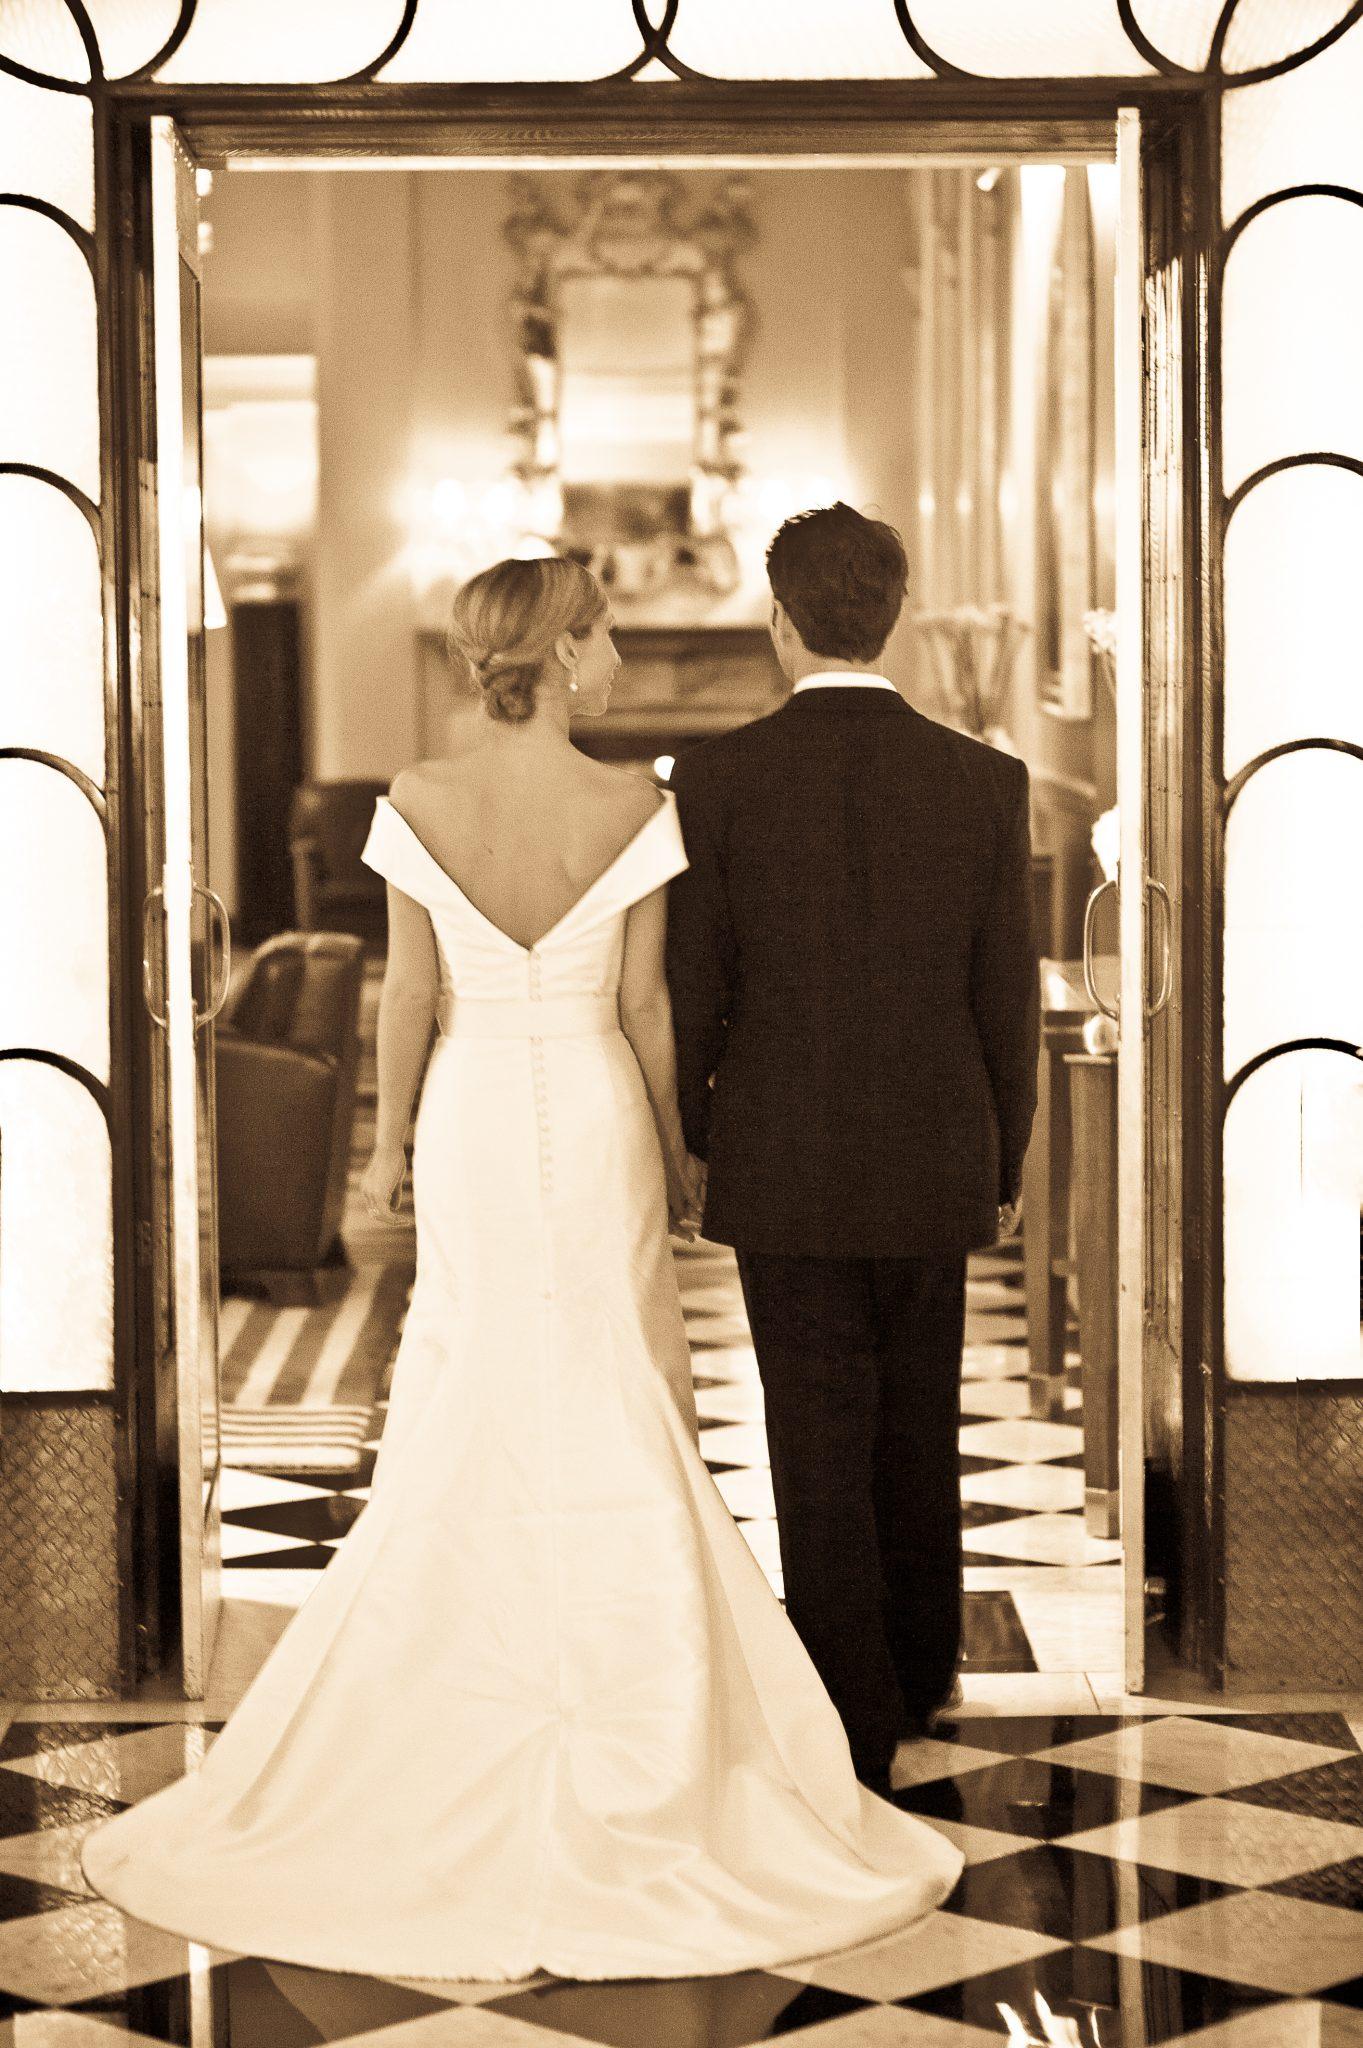 LAUREN HERSHESON'S WEDDING DAY